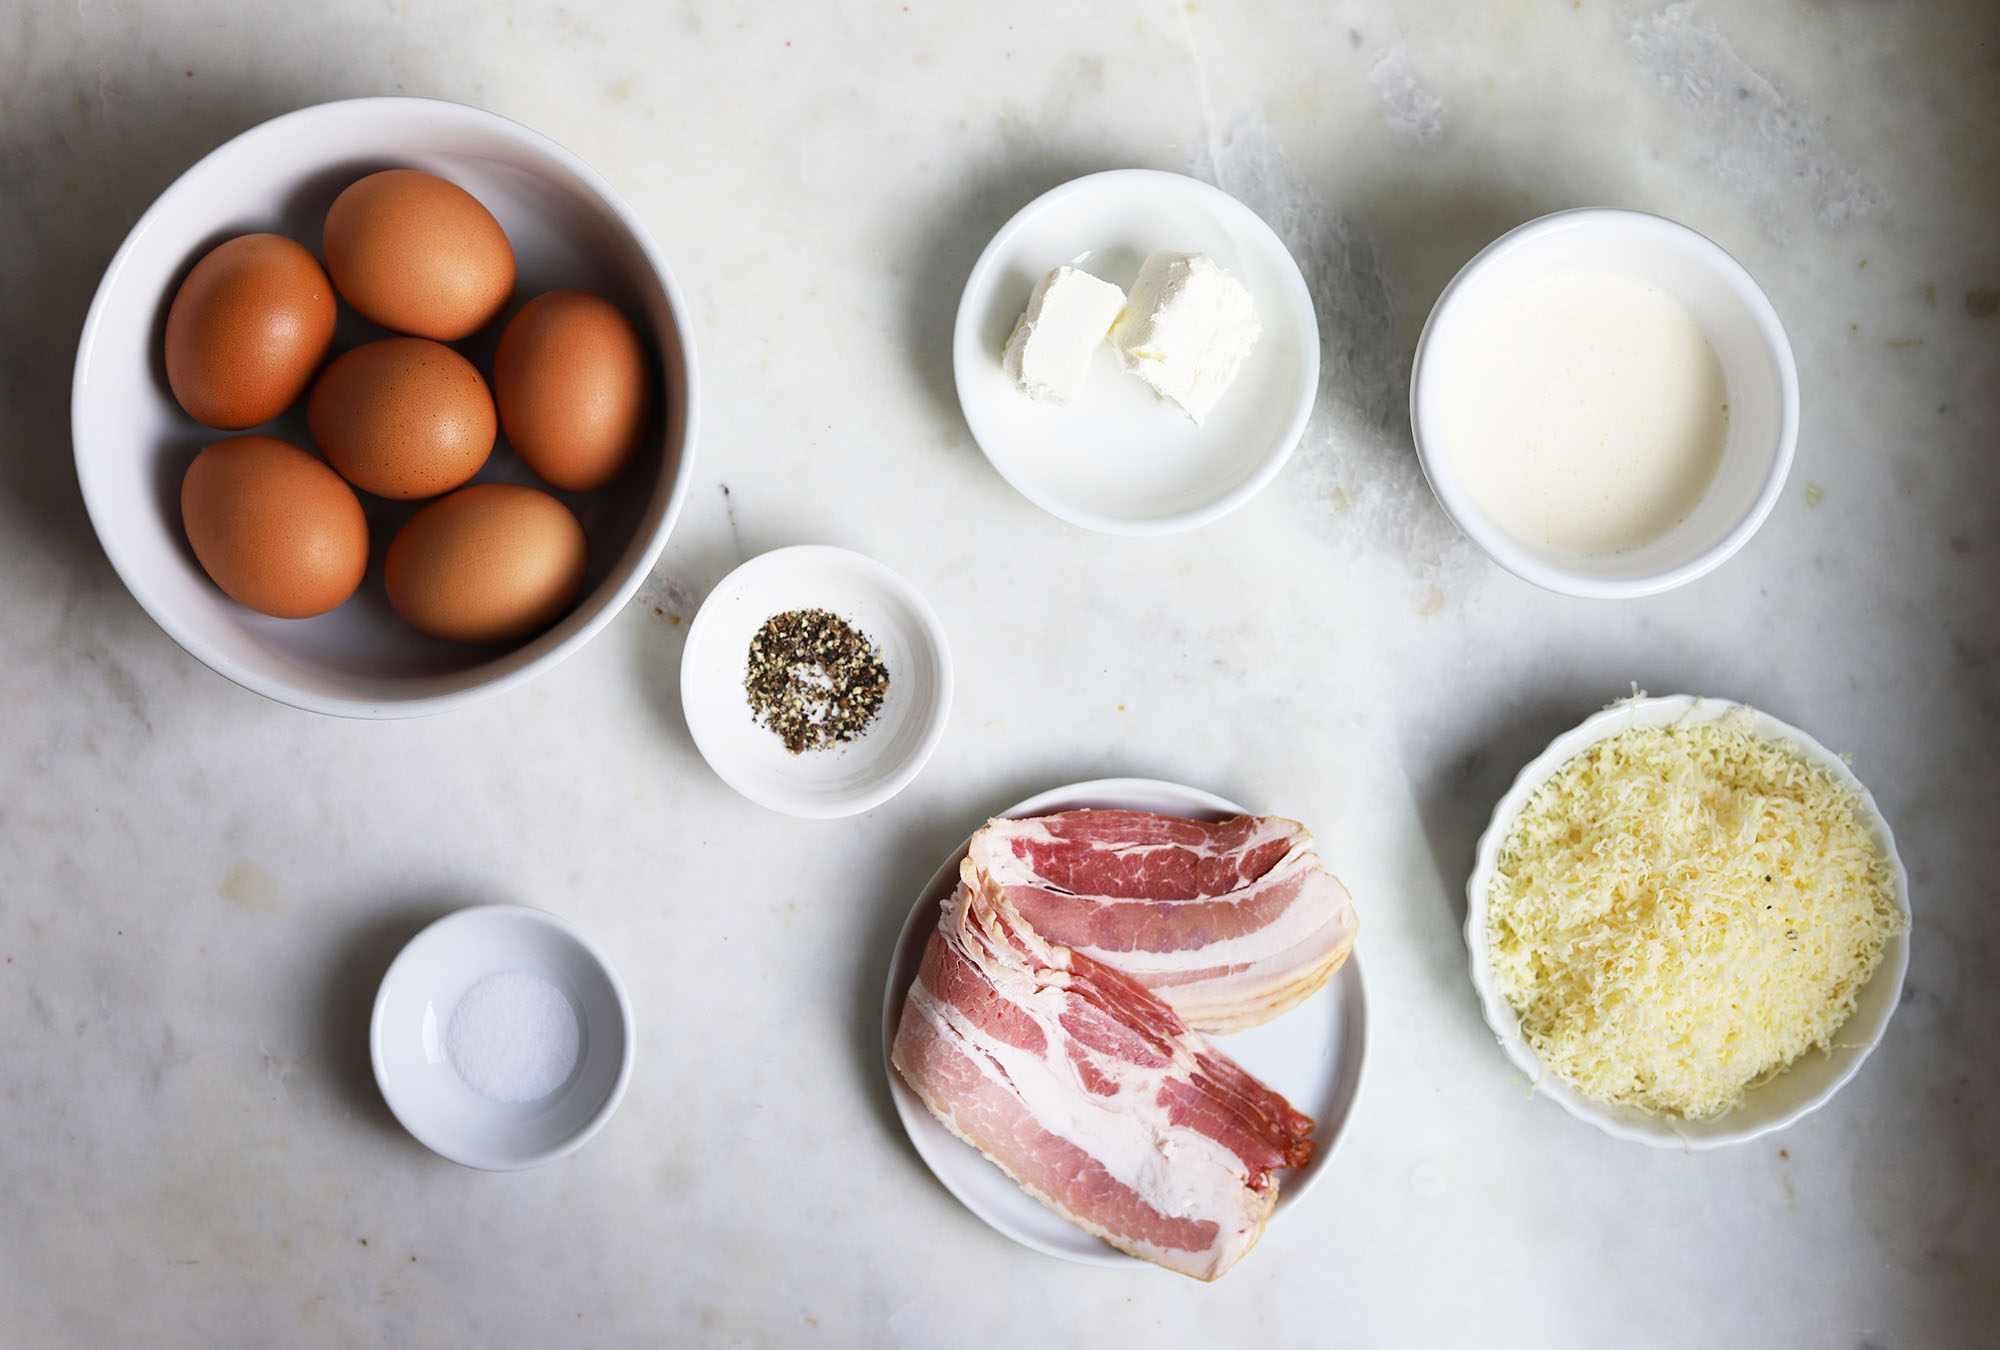 sous vide egg bite ingredients